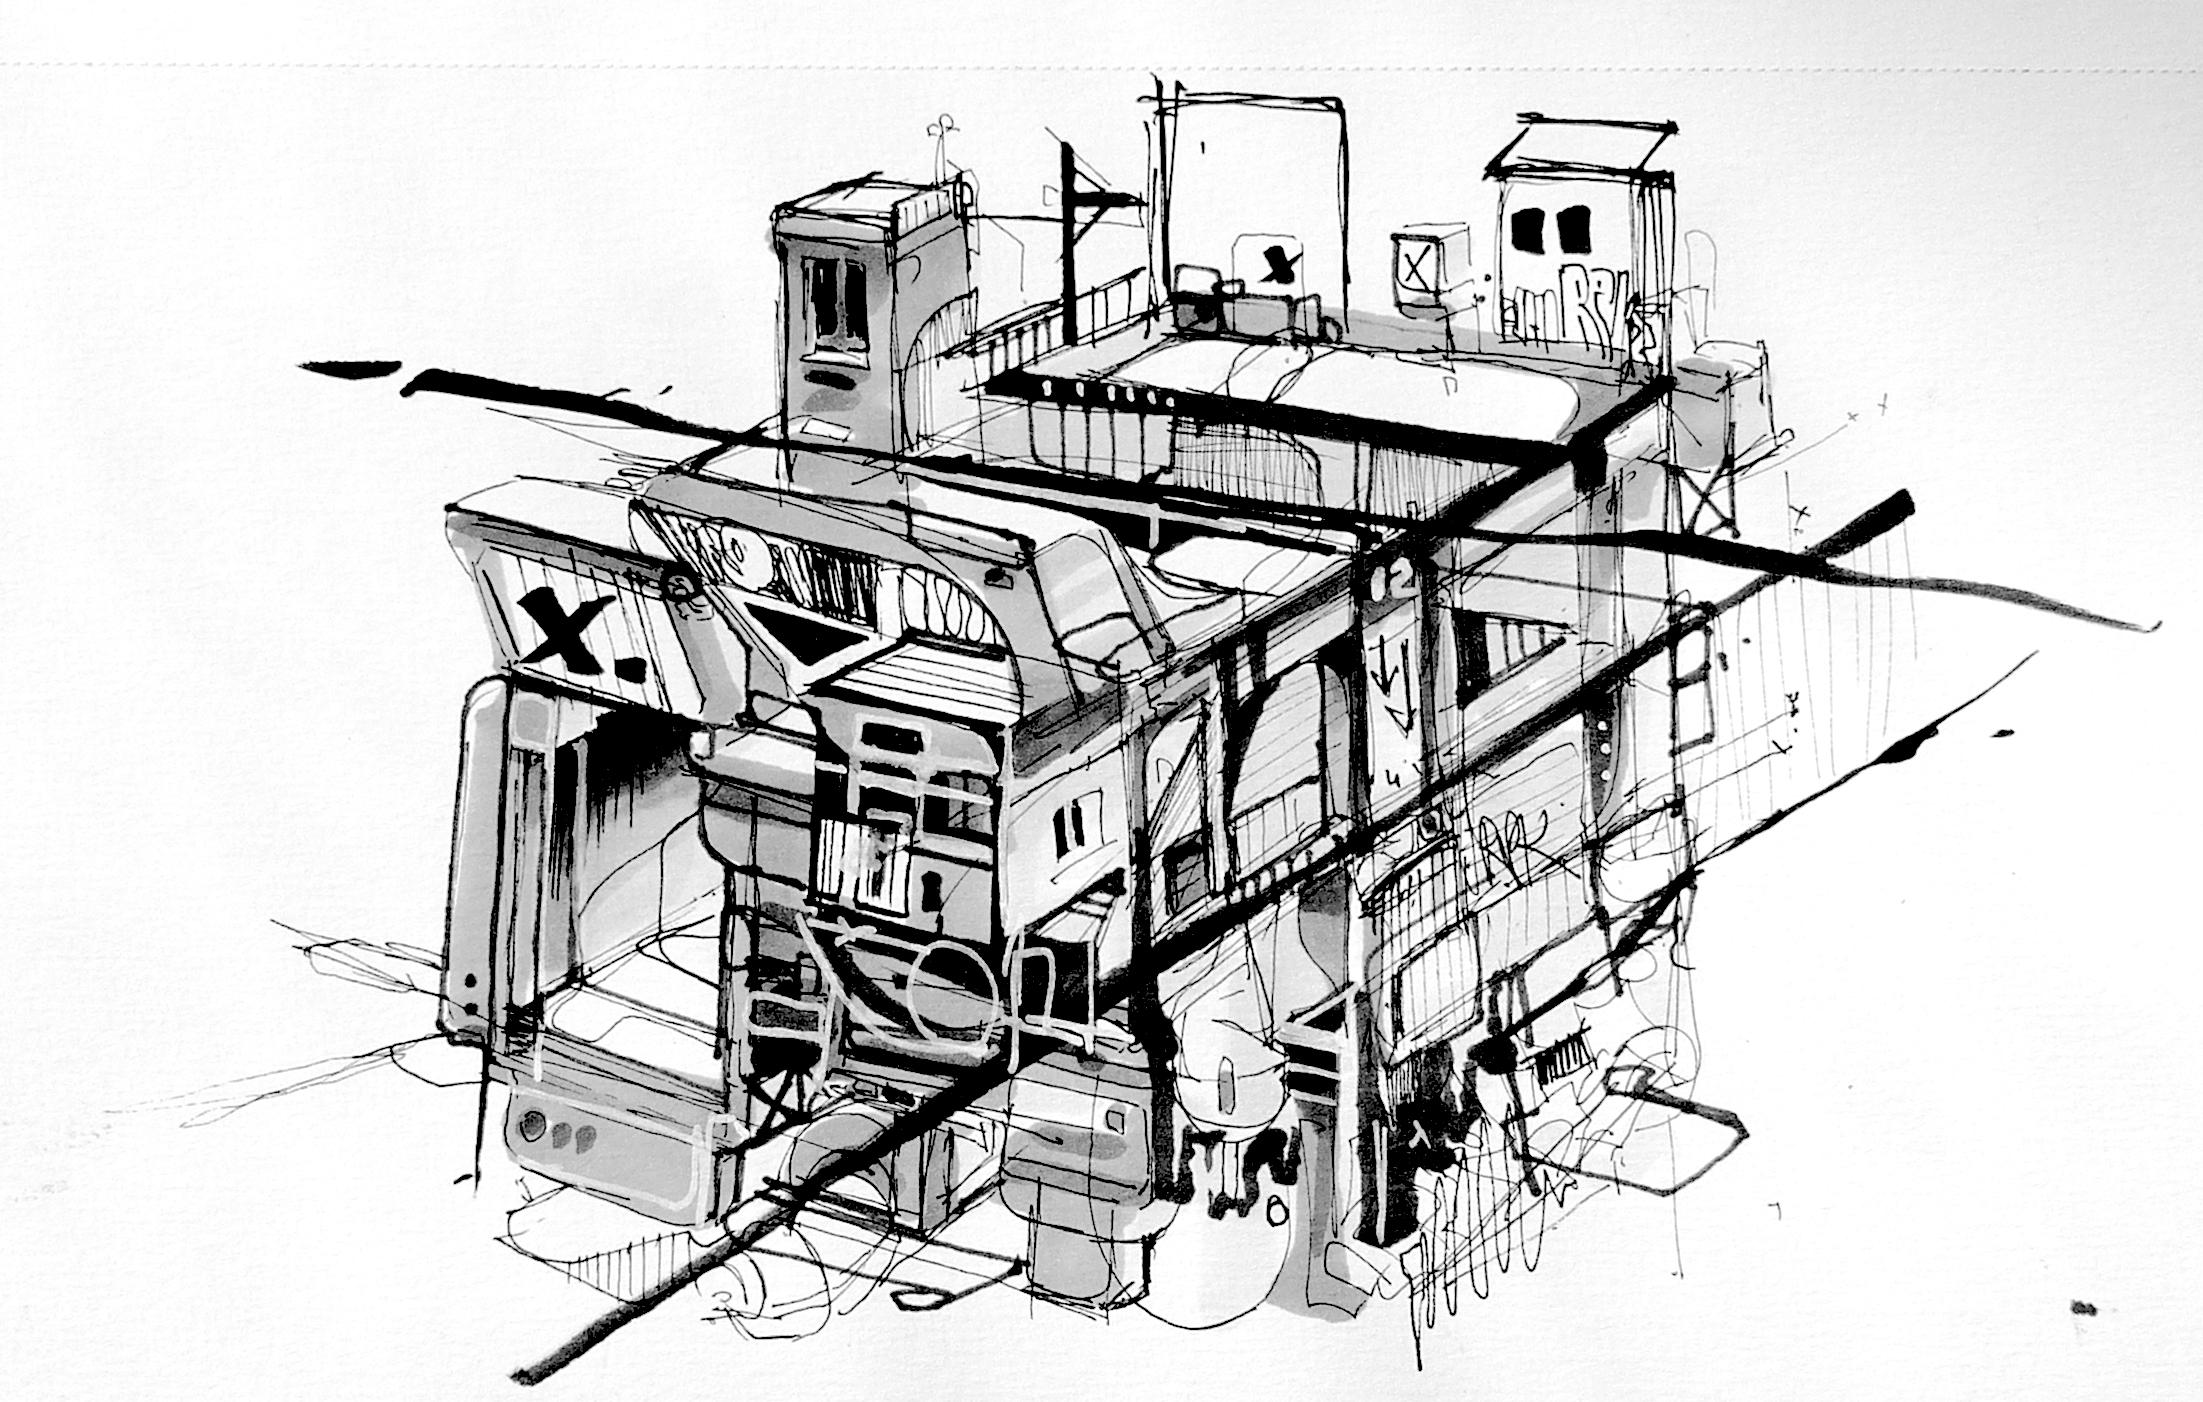 Dessin cube architecture futuriste nadib bandi dessin sketch for Dessin architecture